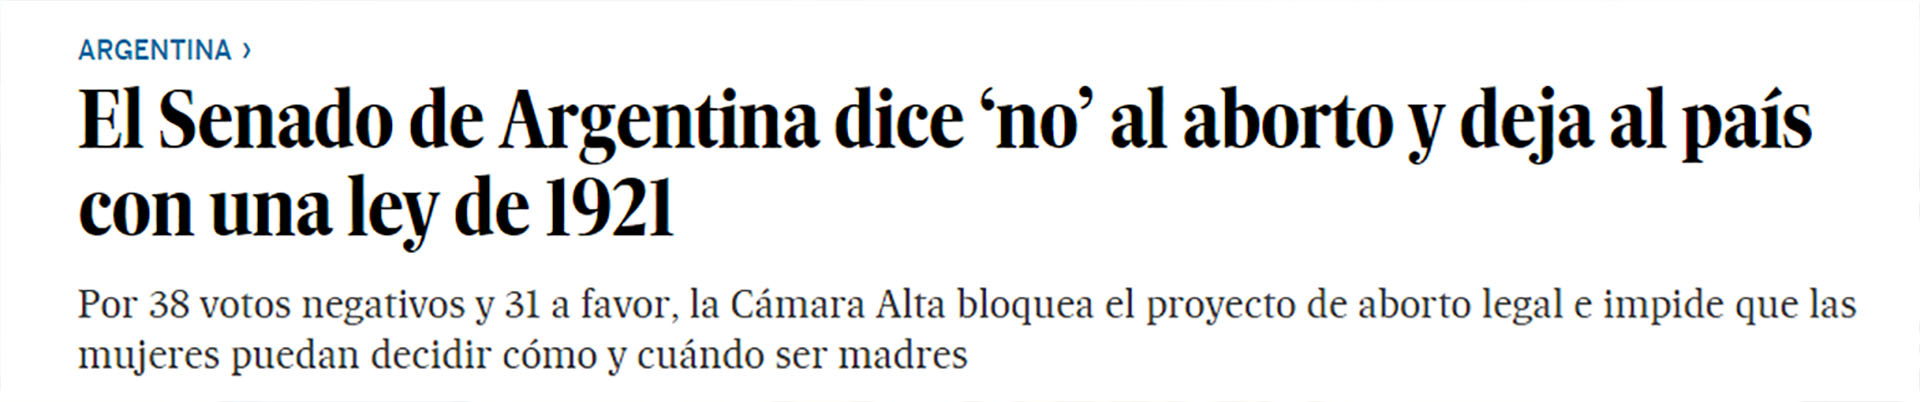 """La cobertura """"militante"""" que hizo el diario español El País"""